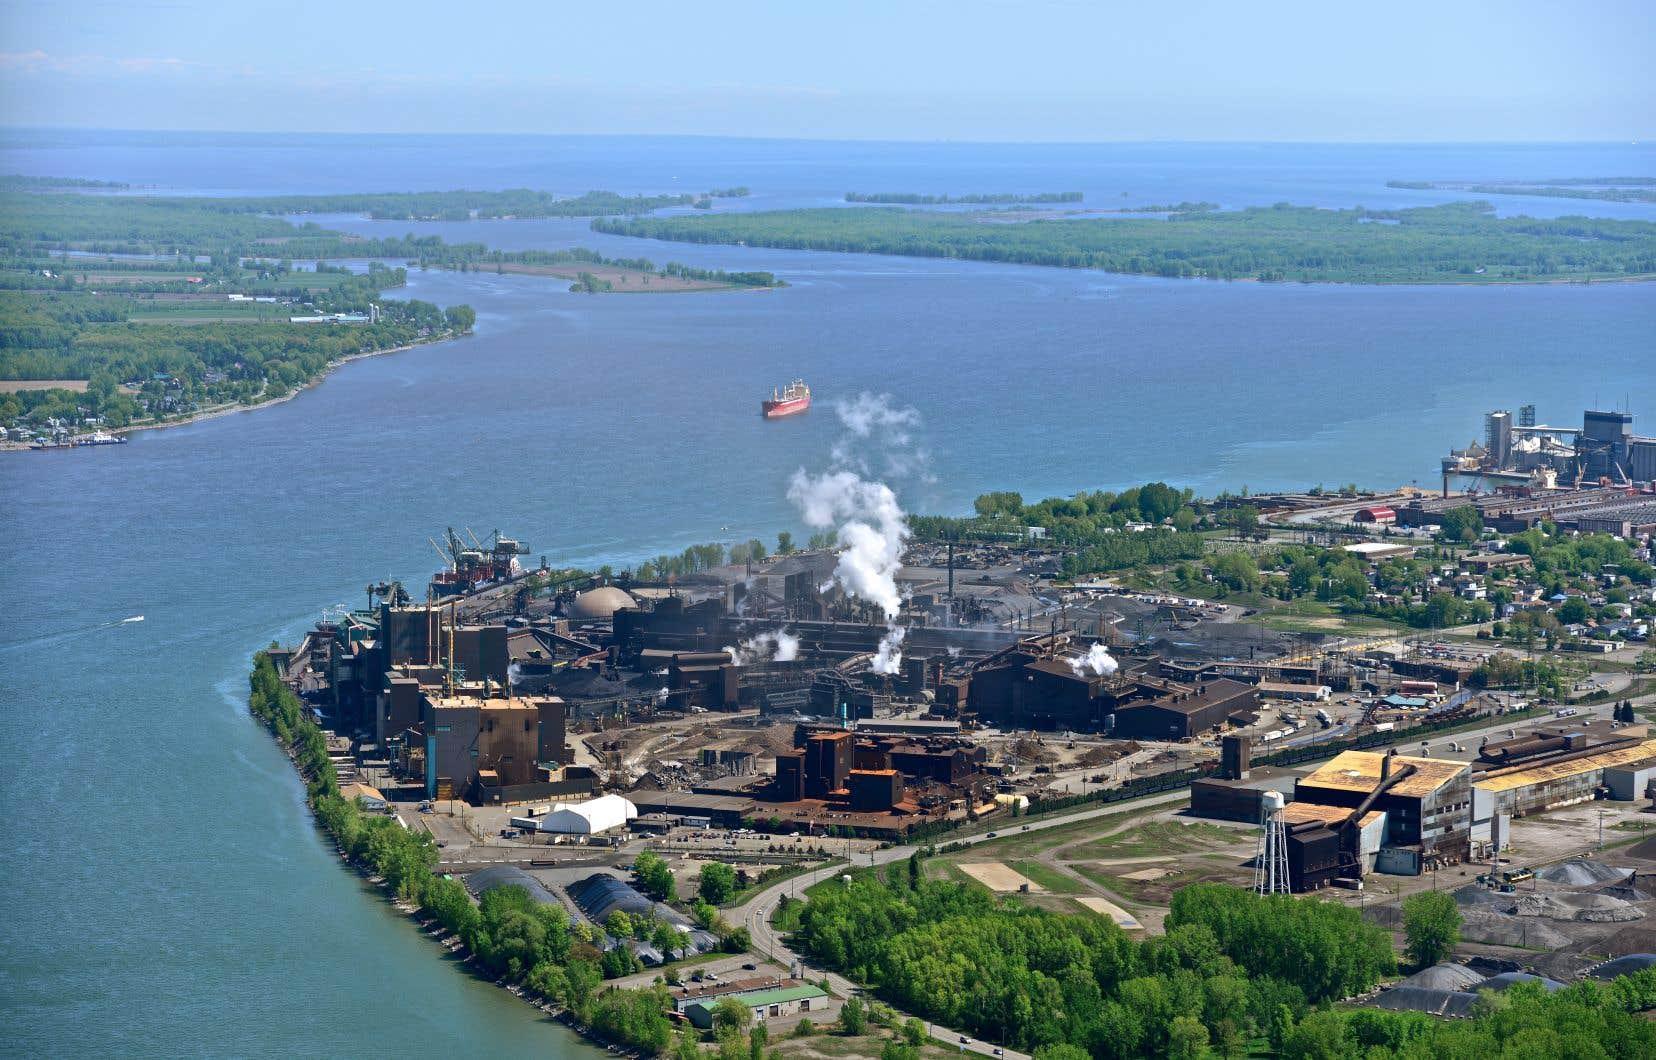 Selon les auteurs, une déclaration élevant le fleuve Saint-Laurent et ses affluents au statut de sujet de droit, ou de personne non humaine, renforcerait la préservation du grand réservoir hydrique qu'est ce grand fleuve.